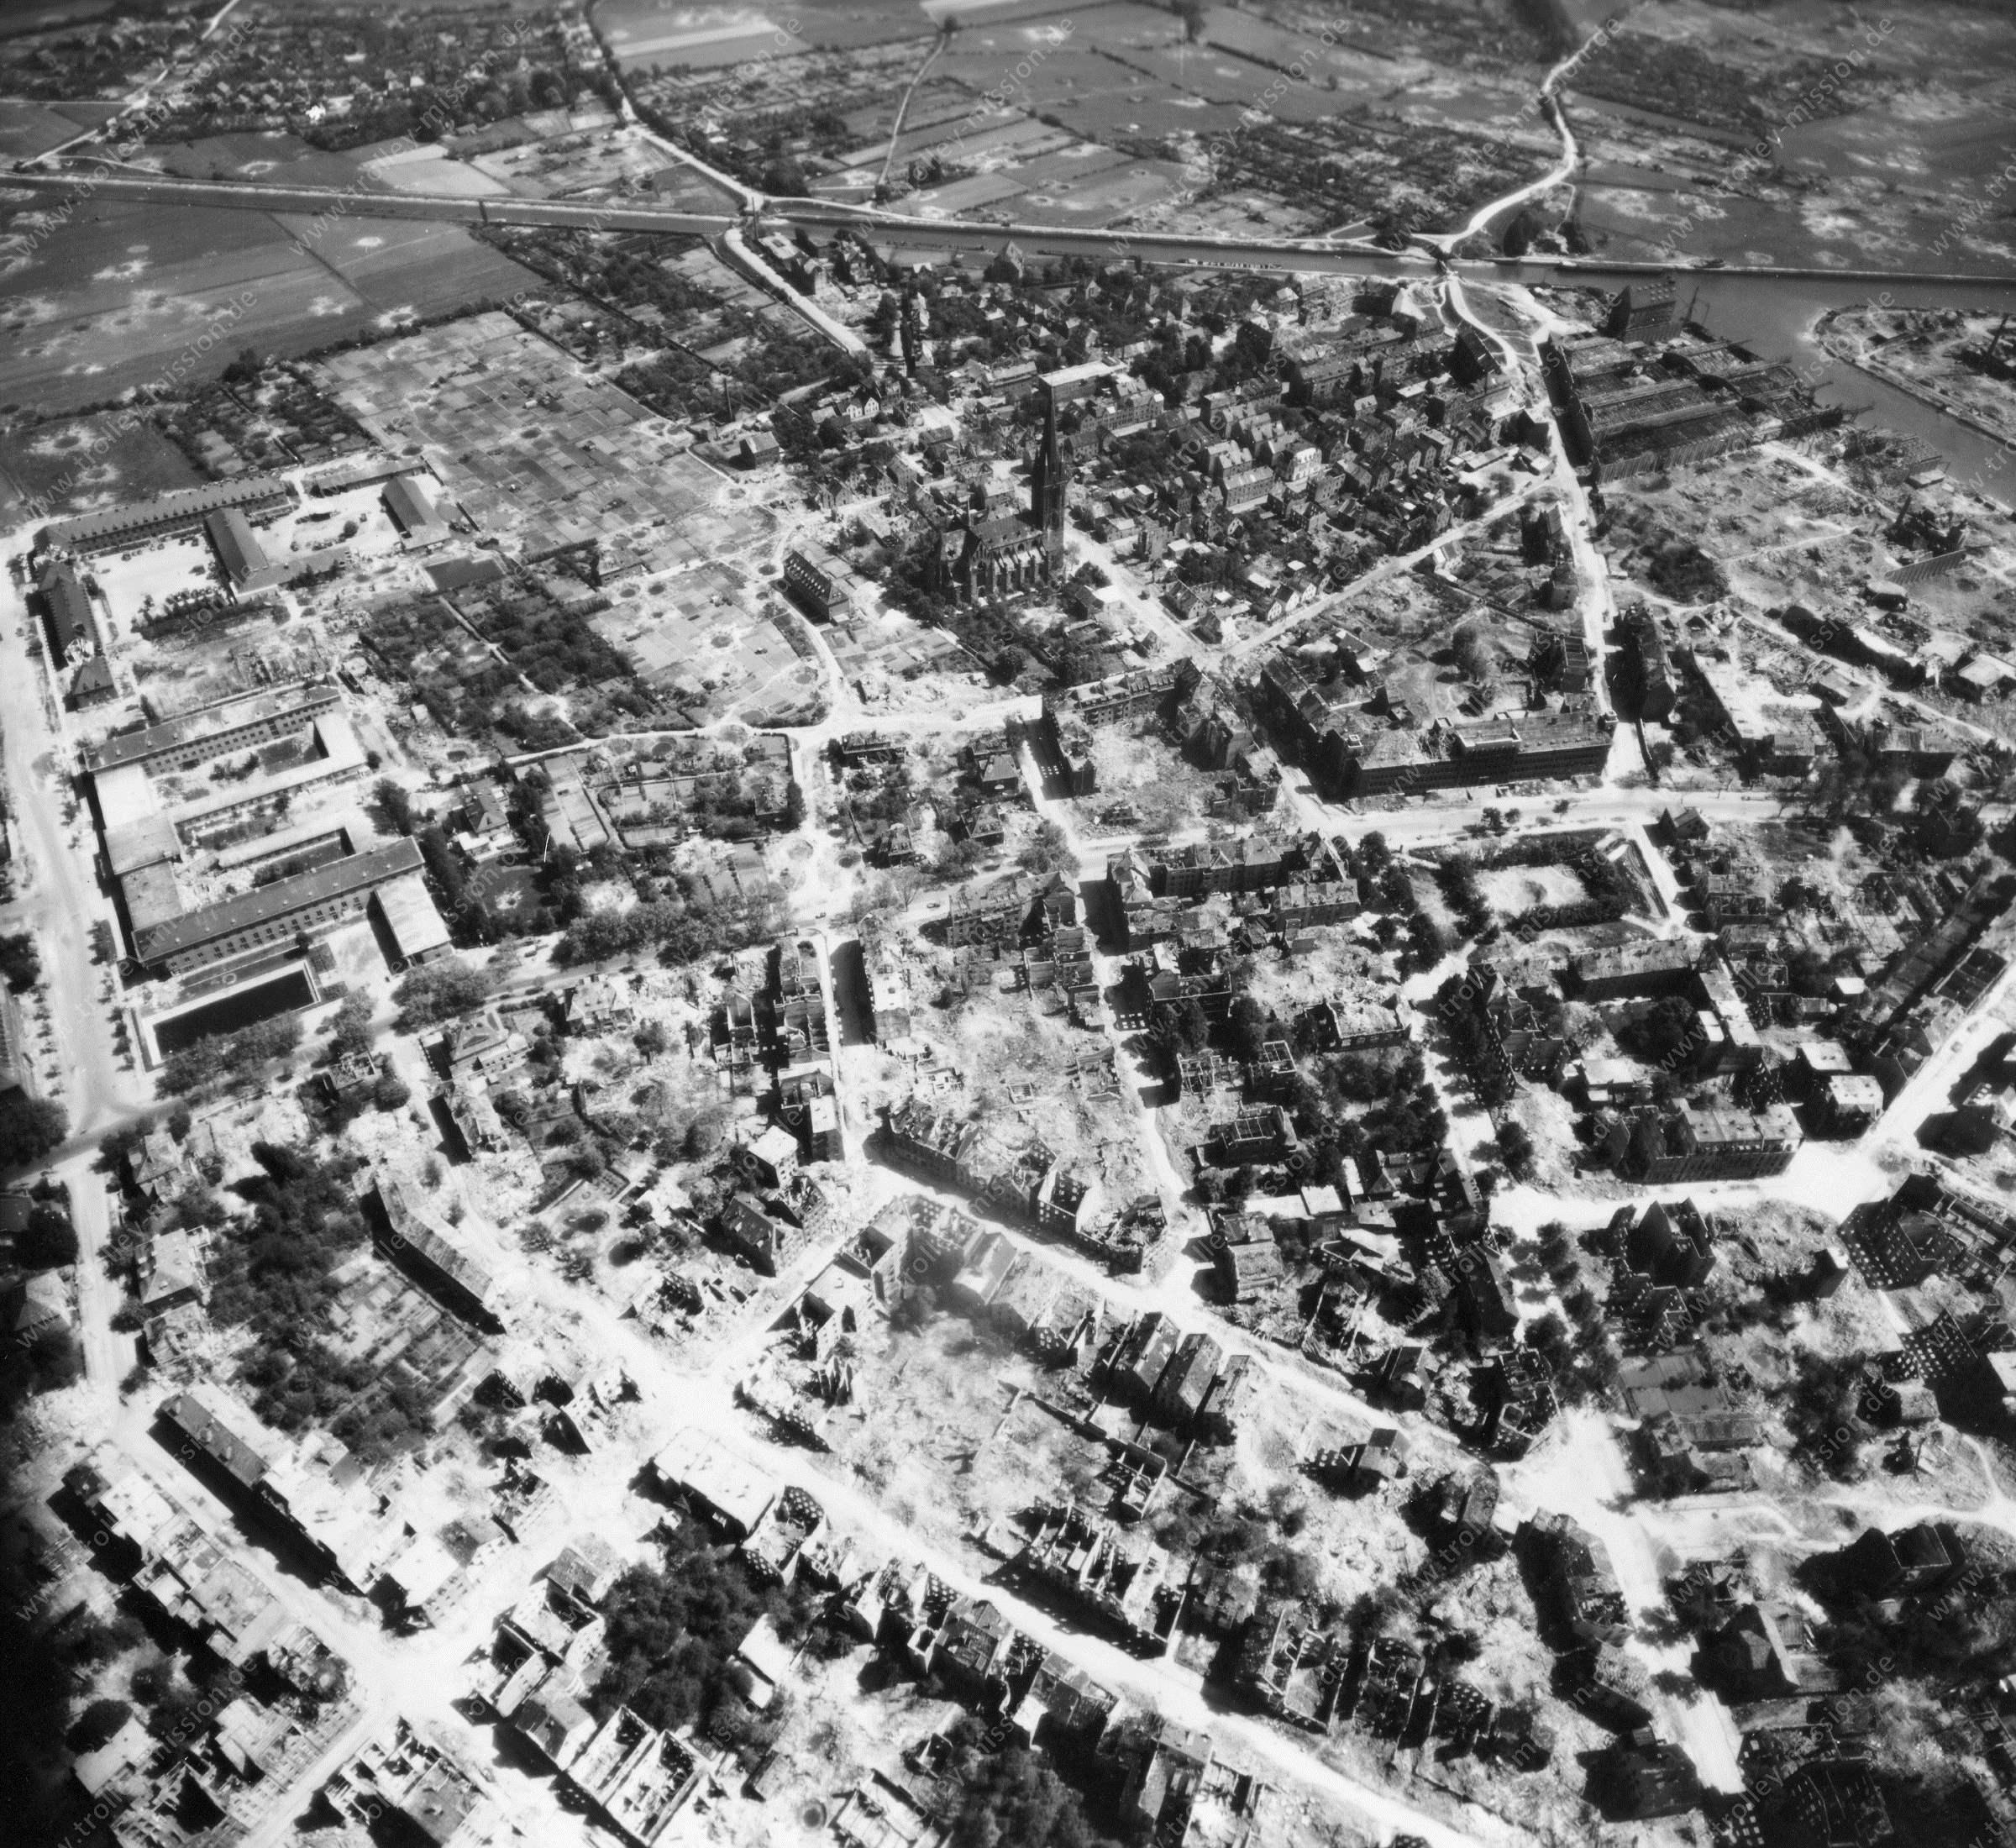 Münster nach dem Krieg: Herz-Jesu-Kirche sowie Wolbecker Straße und Schillerstraße über den Kanal - Luftbildserie 11/11 der US Air Force von Münster (12. Mai 1945)